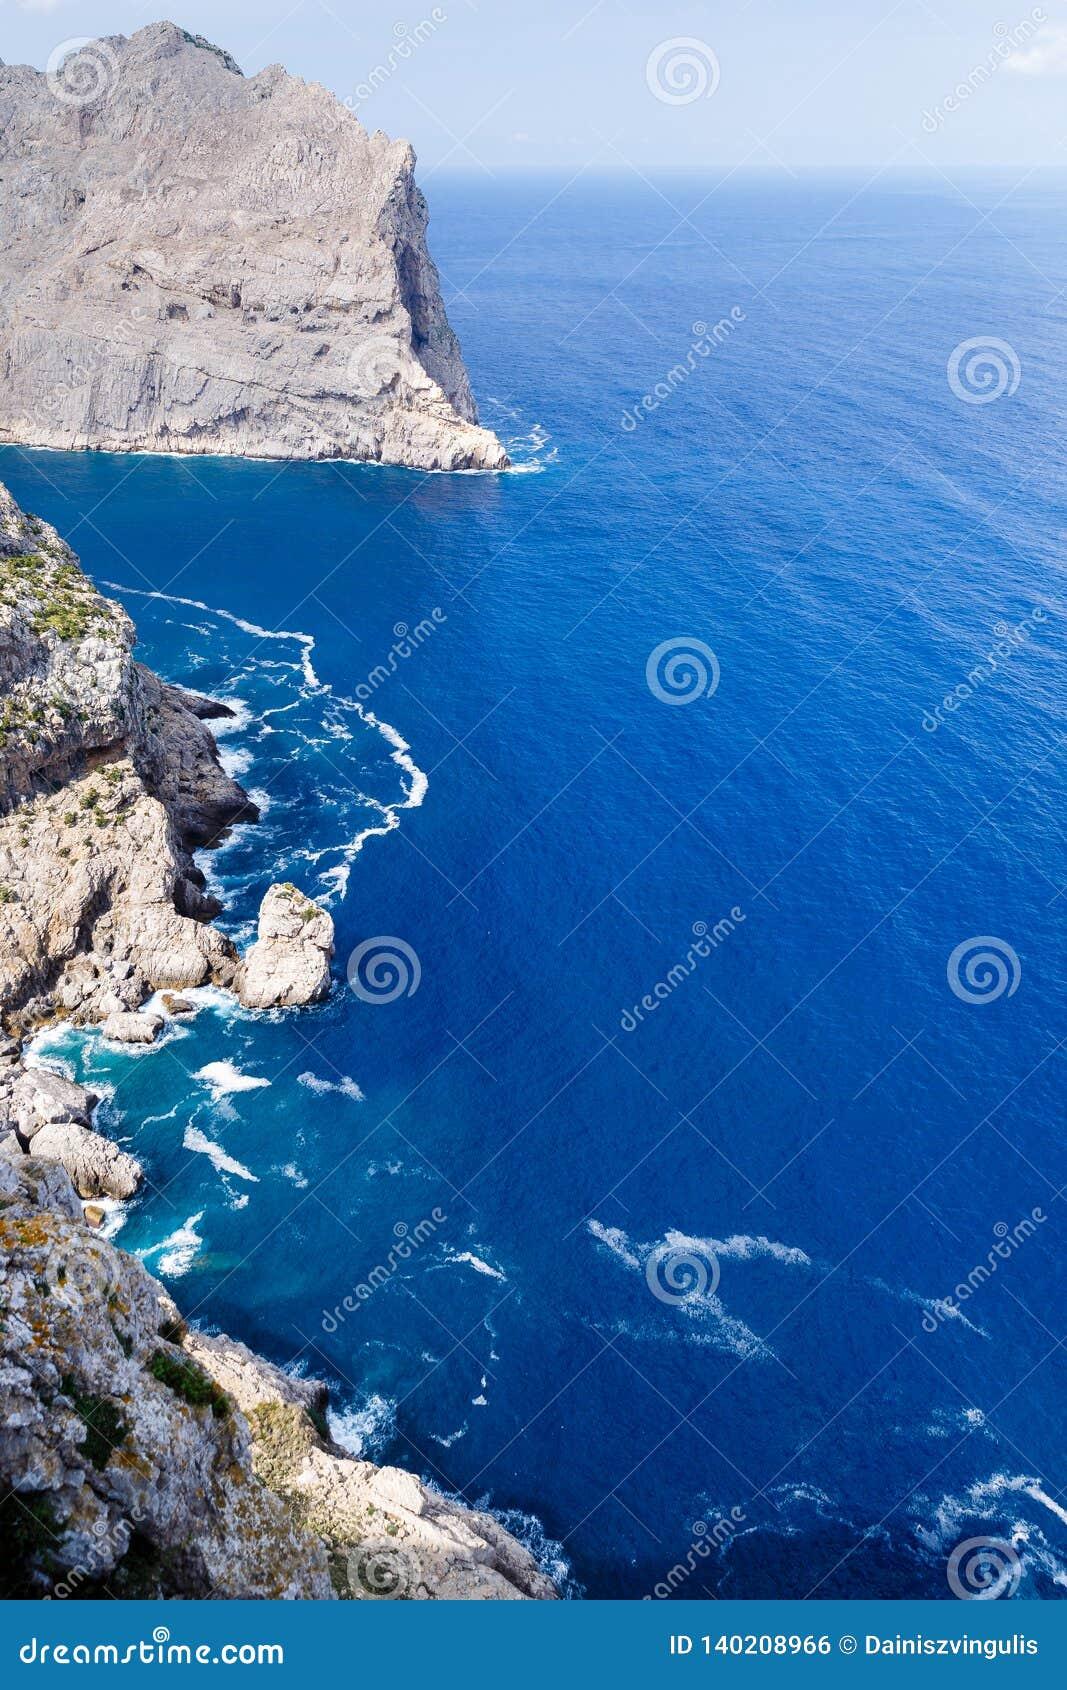 Wielki gór tworzyć pionowy, bardzo wysocy brzeg